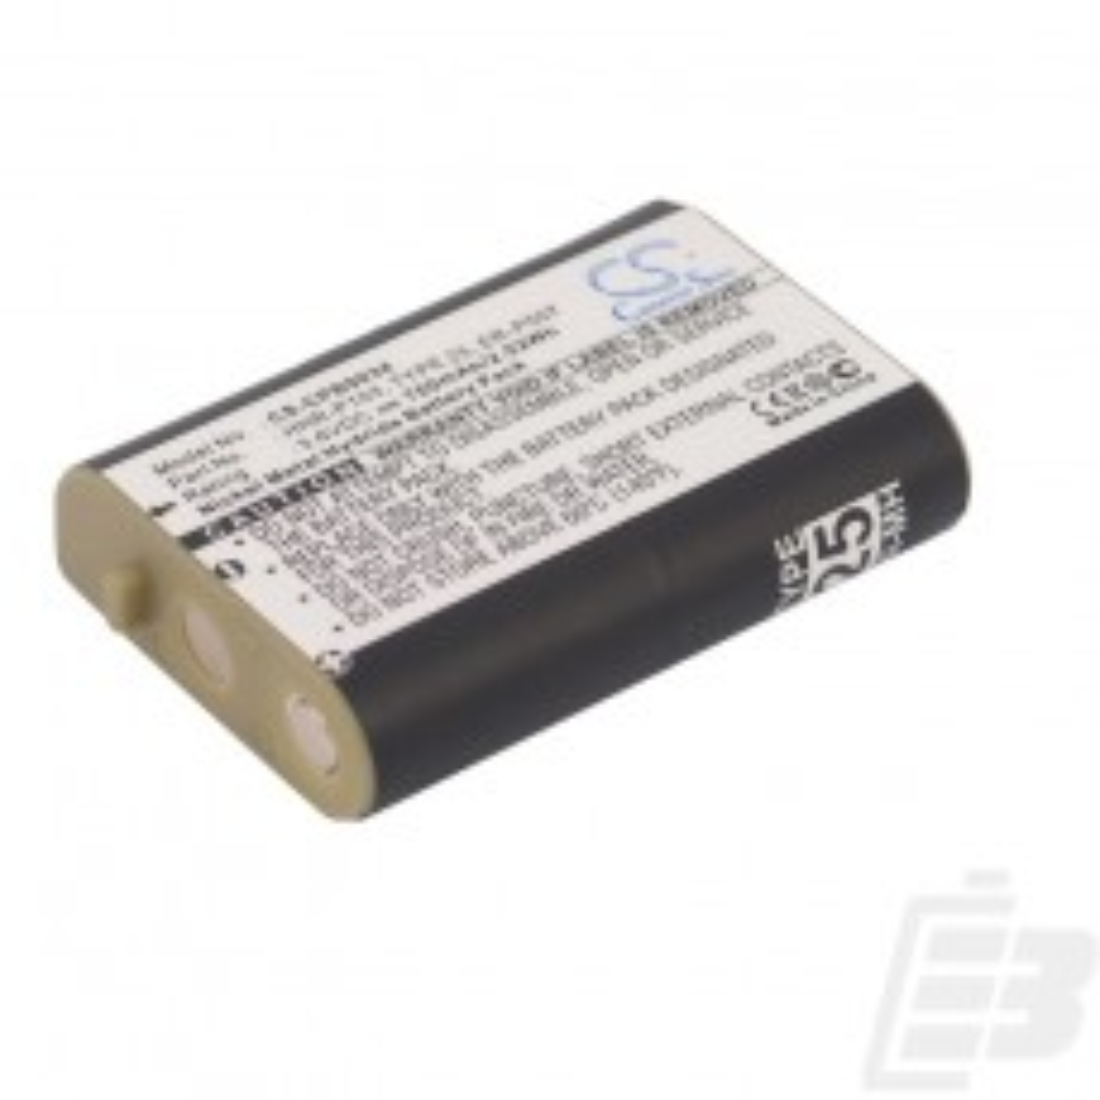 Cordless phone battery Panasonic HHR-P103_1